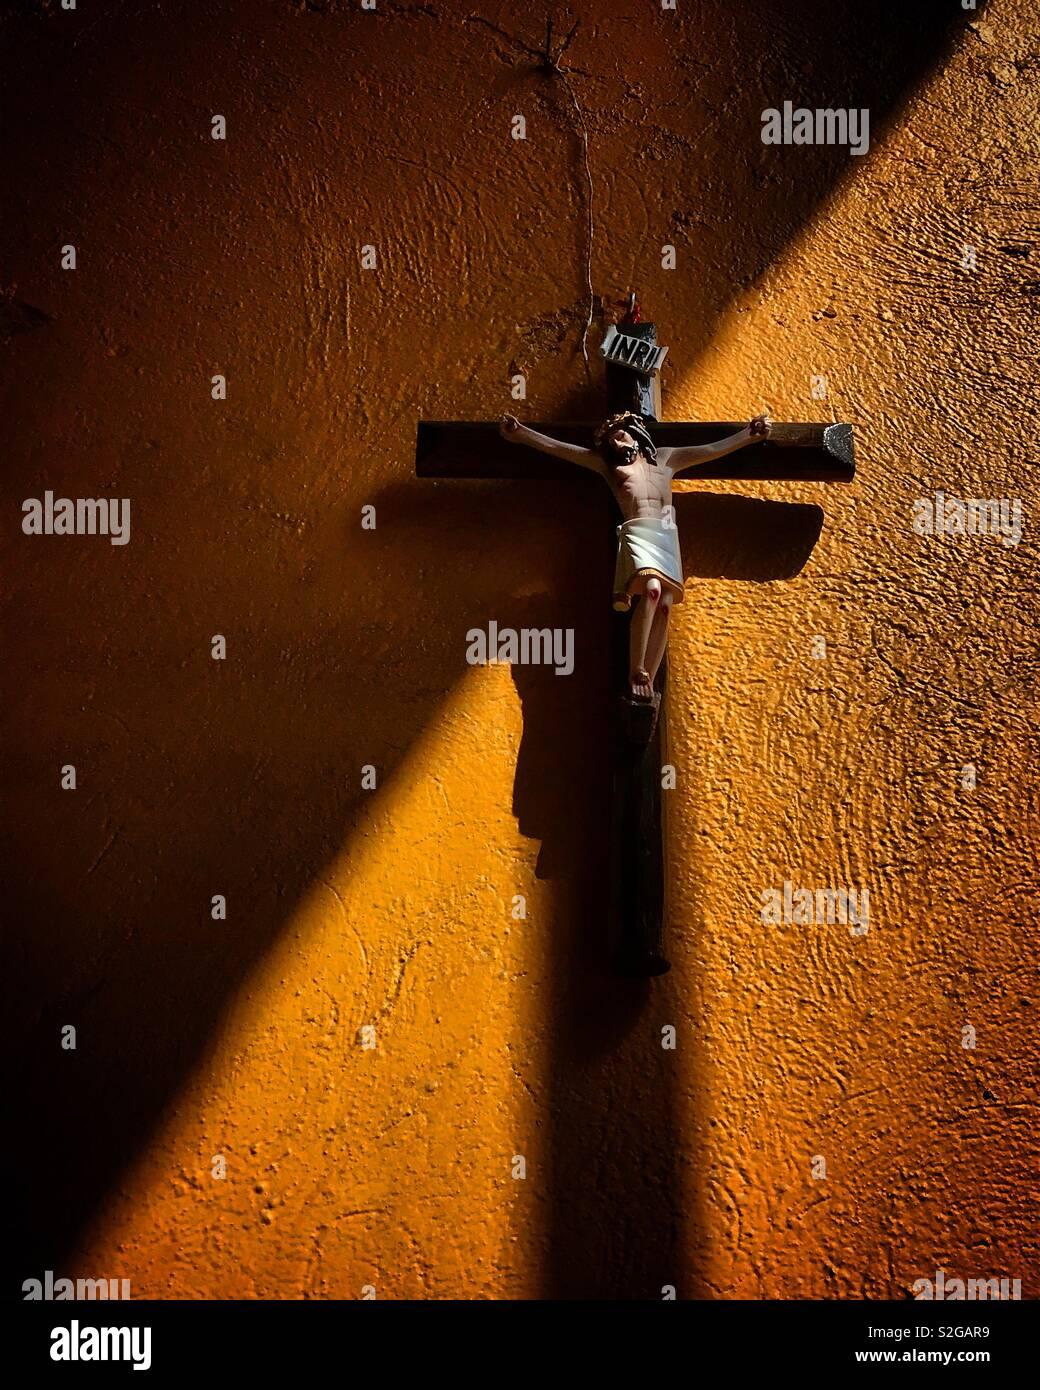 La luz del sol ilumina una escultura de Jesucristo crucificado en Tequisquiapan, Querétaro, México Imagen De Stock